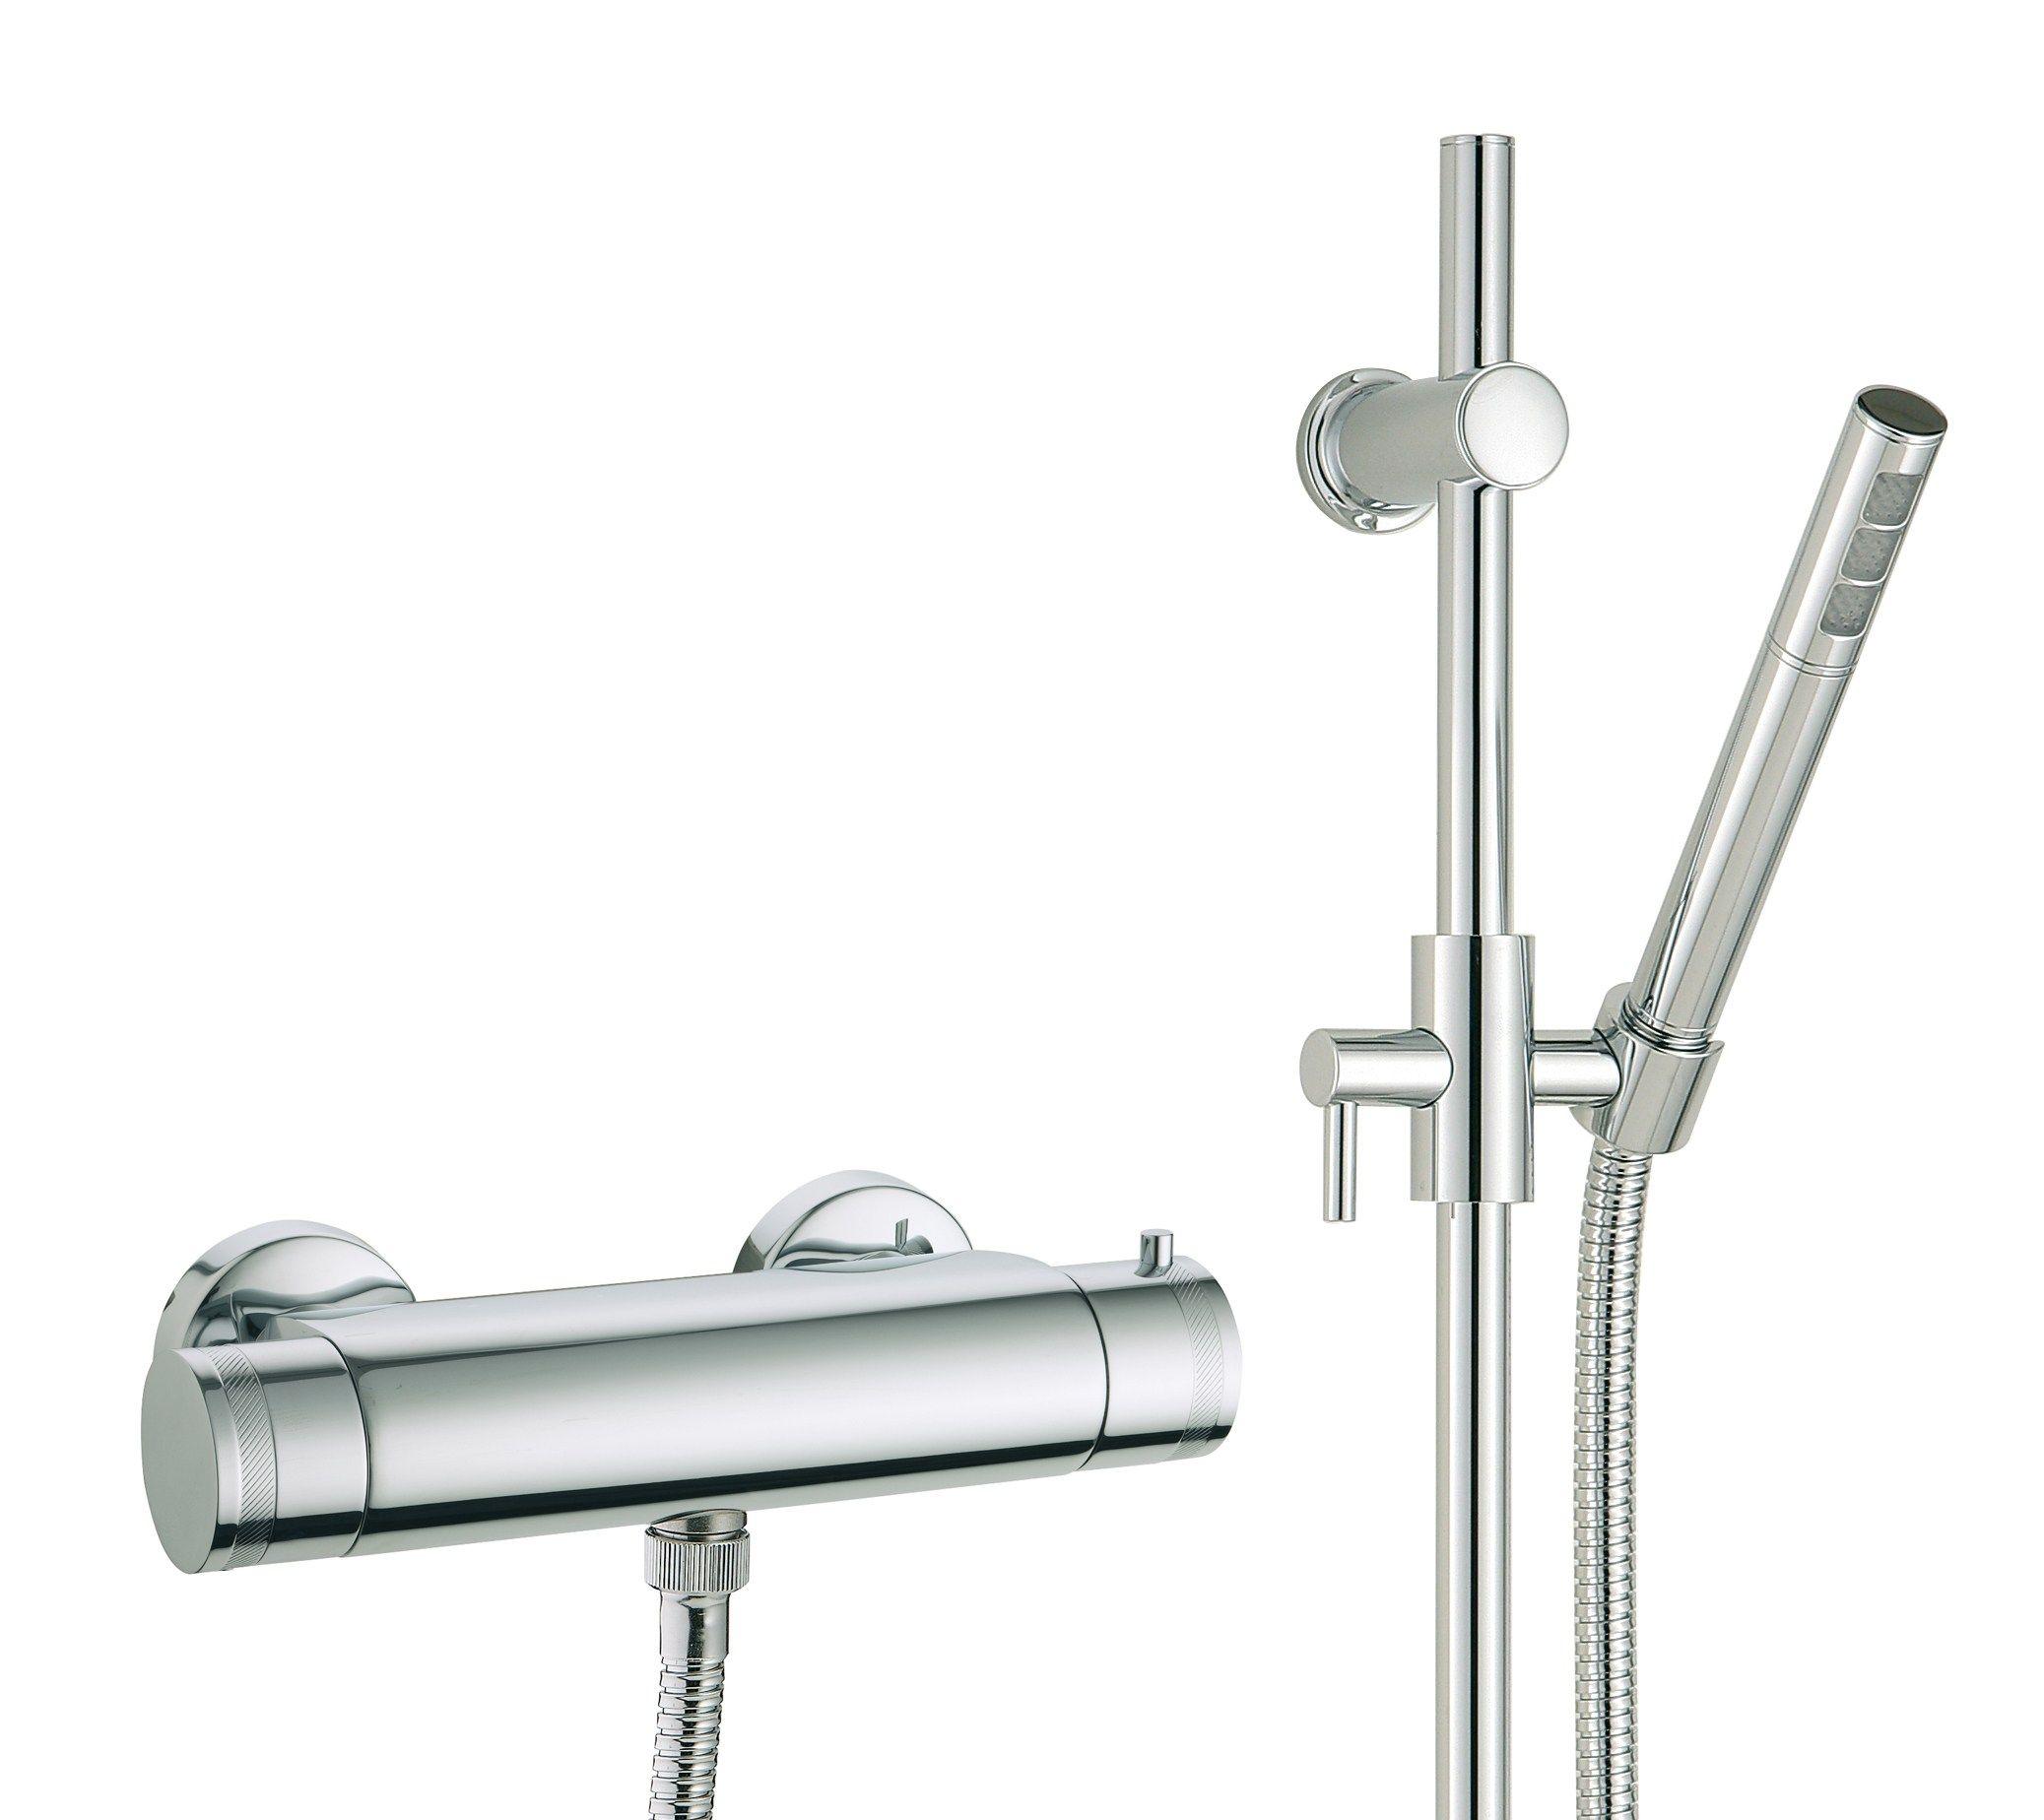 Changer mitigeur 28 images remplacer un robinet sans - Changer cartouche mitigeur thermostatique ...